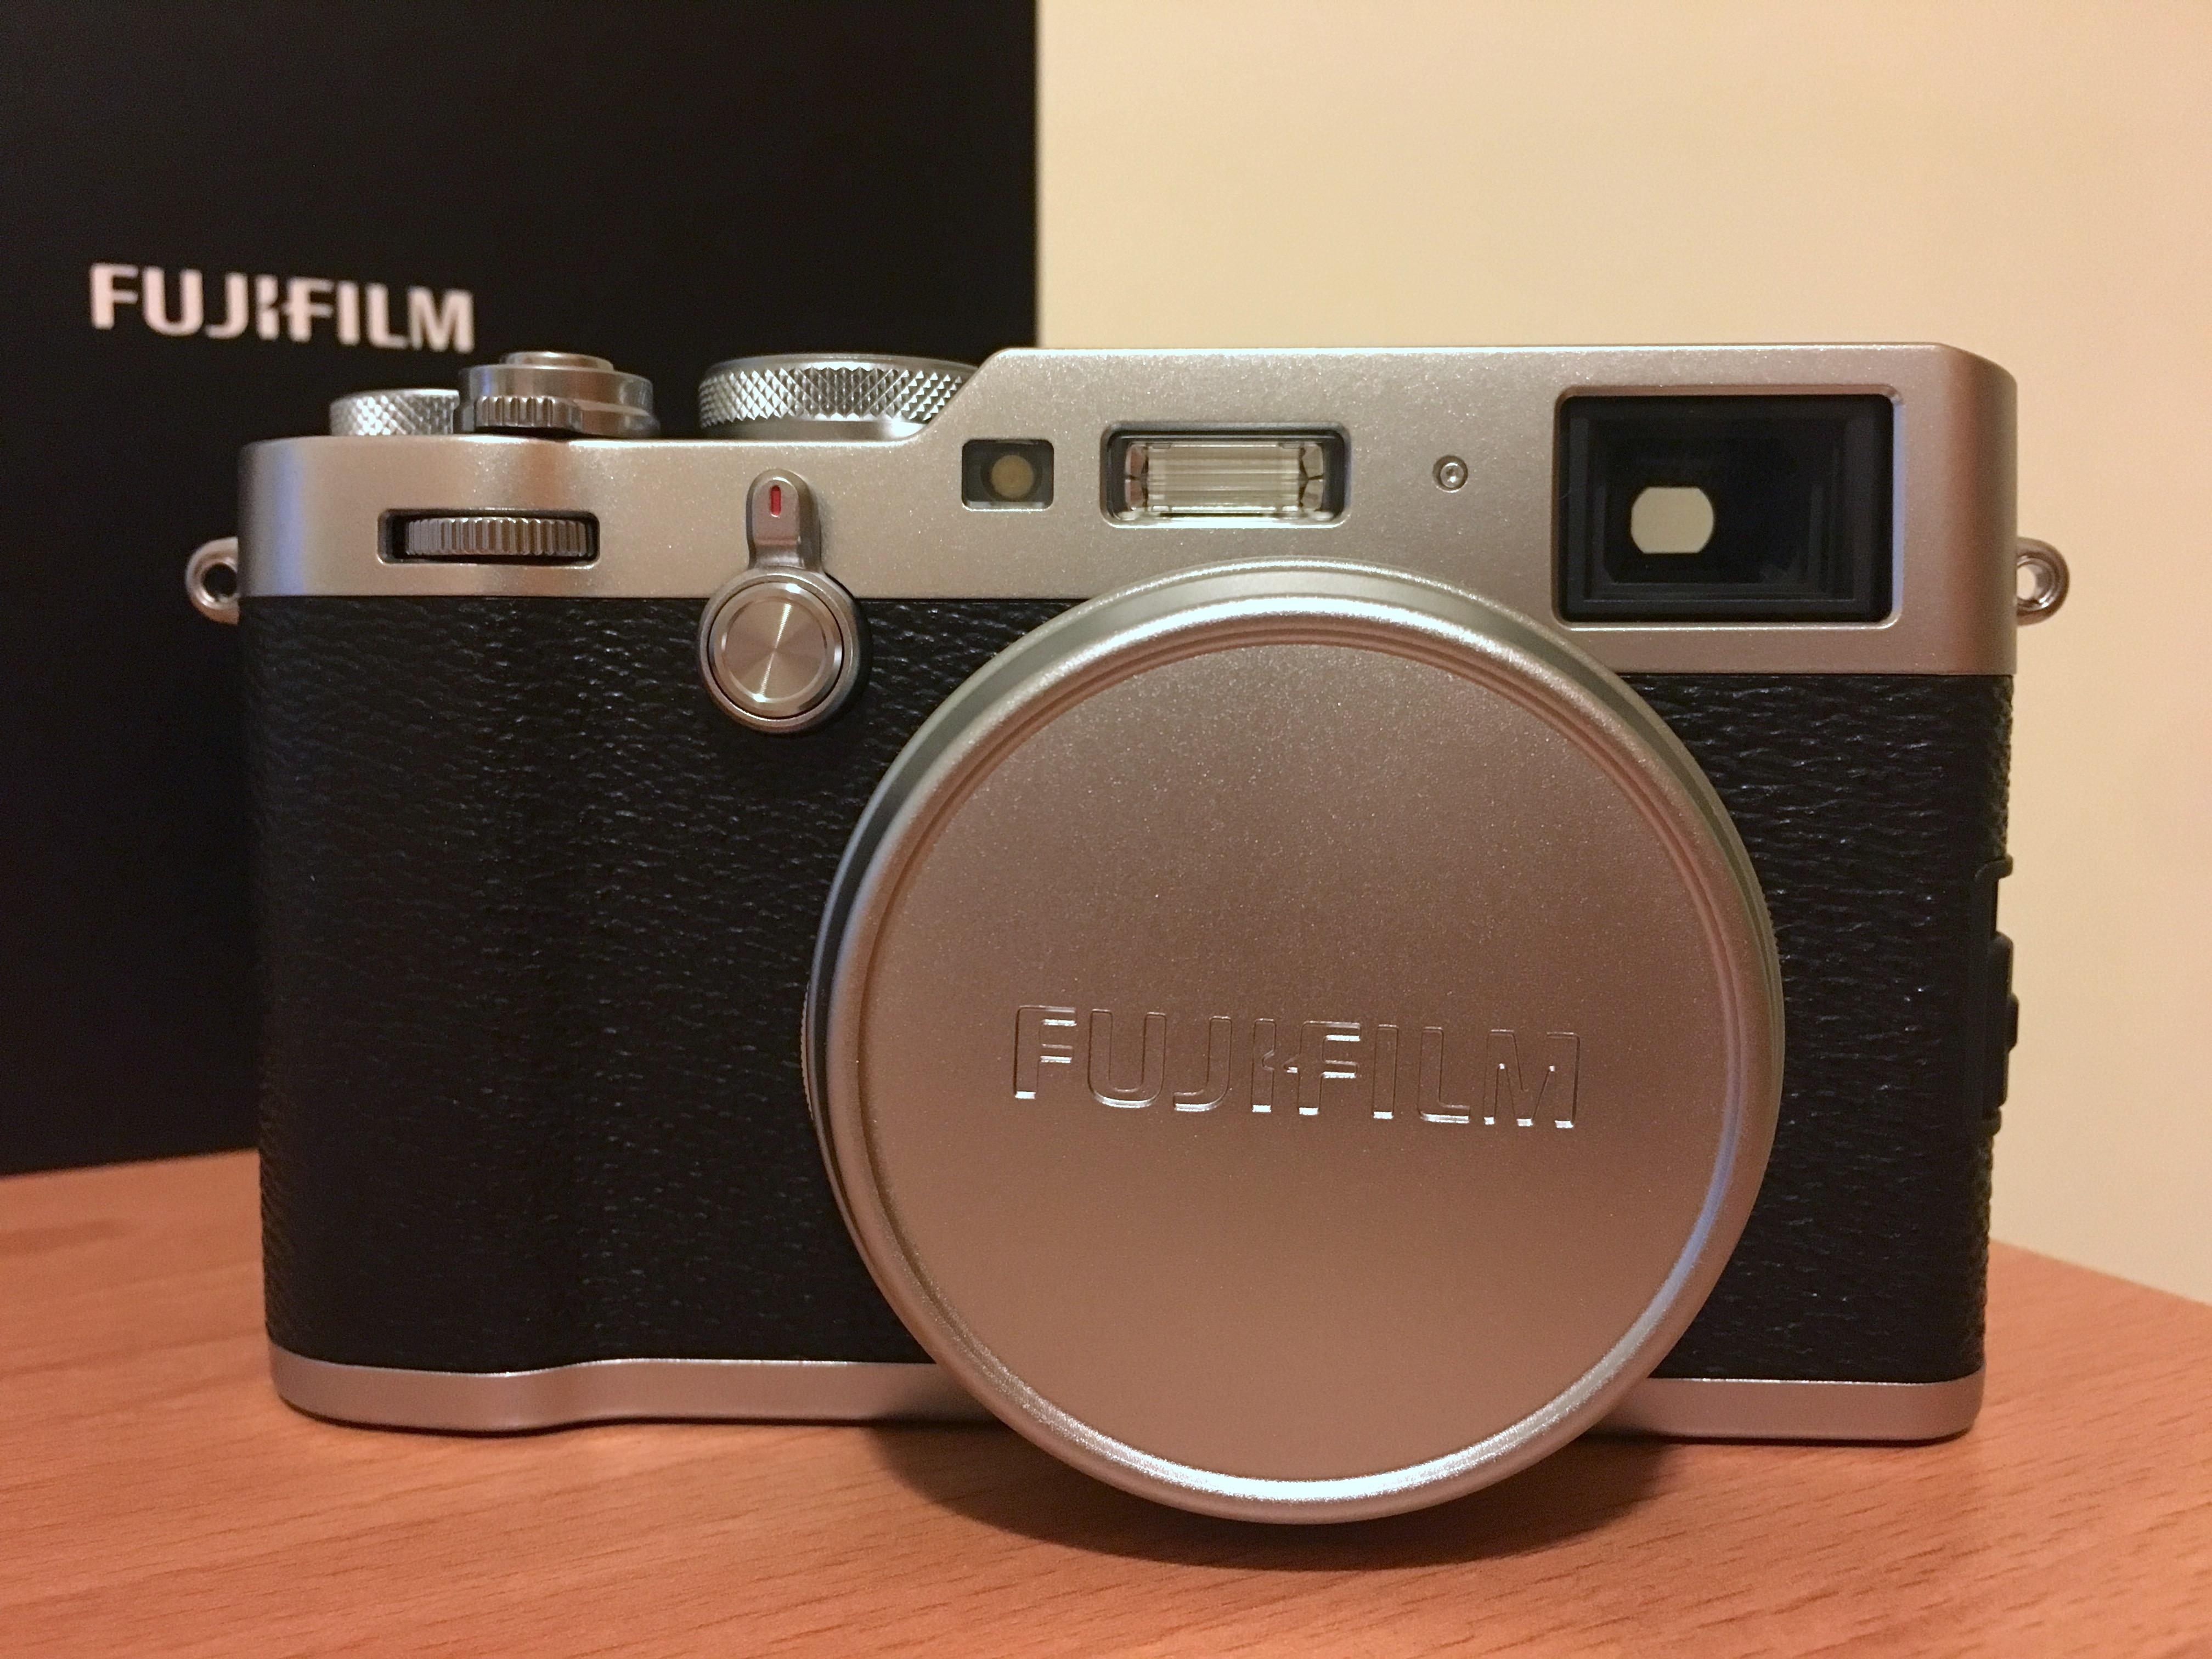 【開箱】Fujifilm X100F 溫柔地感受社會吧! – 來自臺灣:遊記・攝影・書摘 – Rong Rong's blog